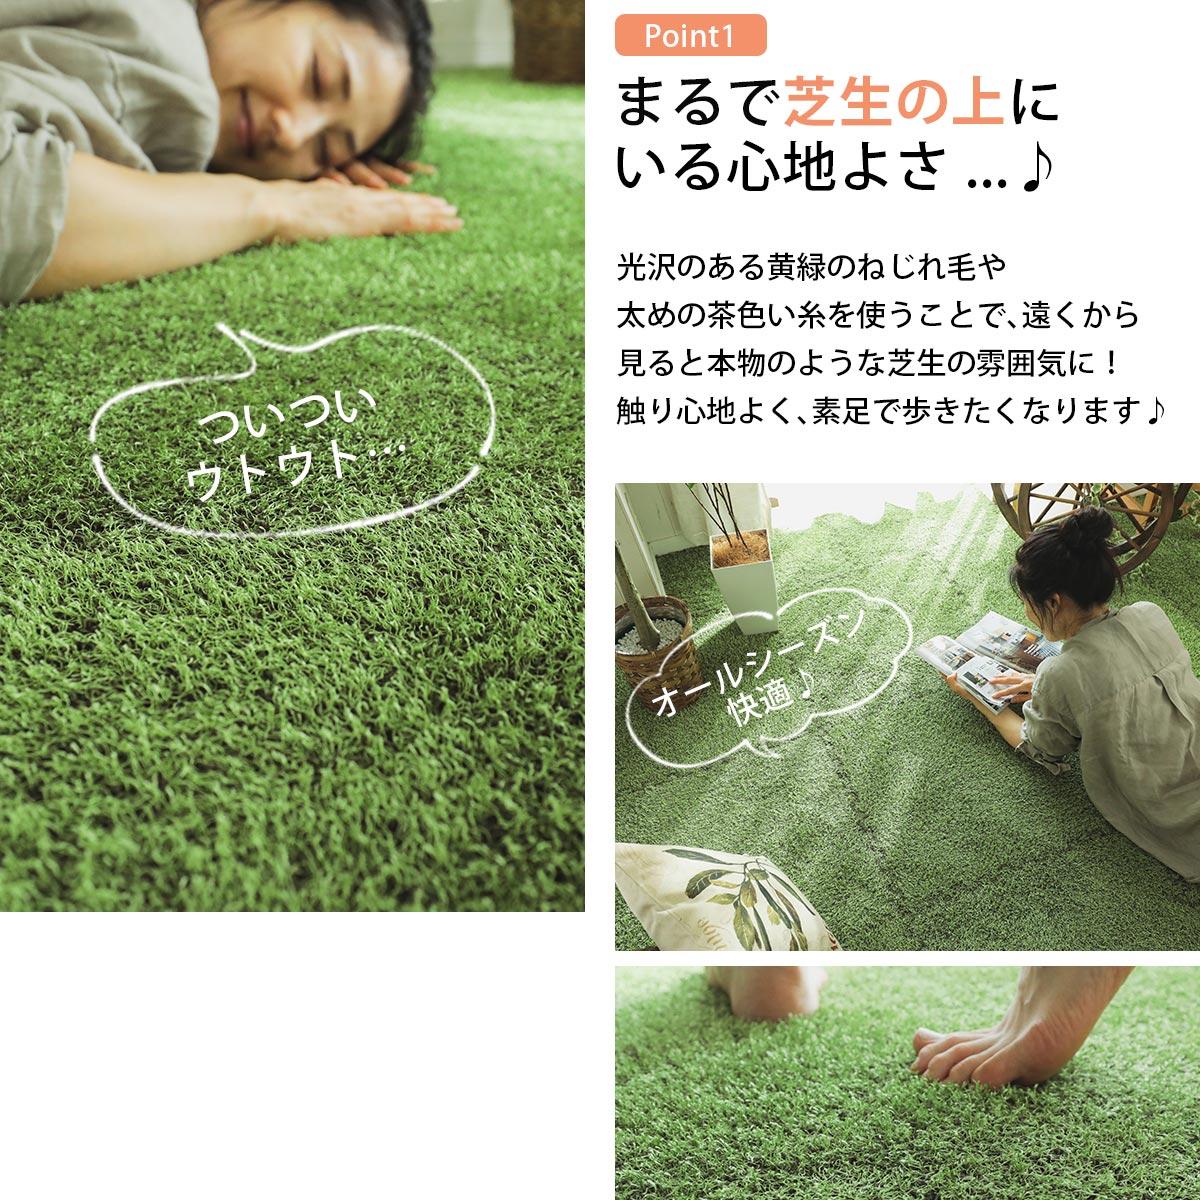 シバルン ポイント1 本物の芝生のようなカーペット